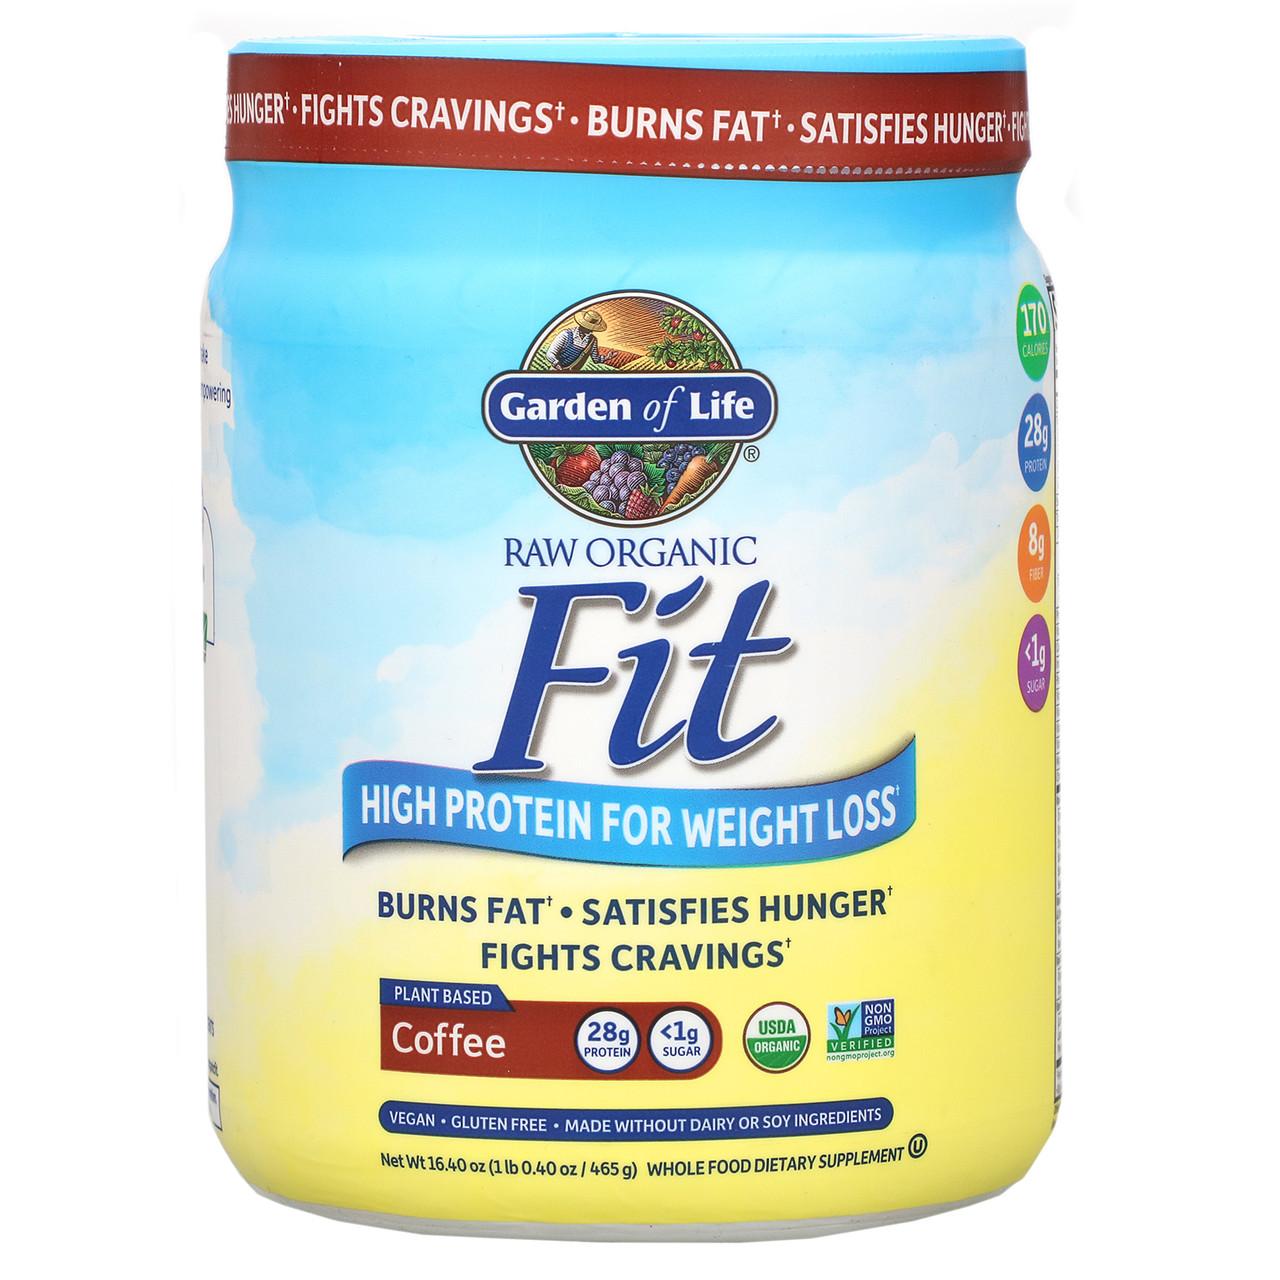 Garden of Life, Органический, RAW Fit, Высокое содержание белка для снижения веса, вкус Marley Coffee, 10 пакетиков по 44 г